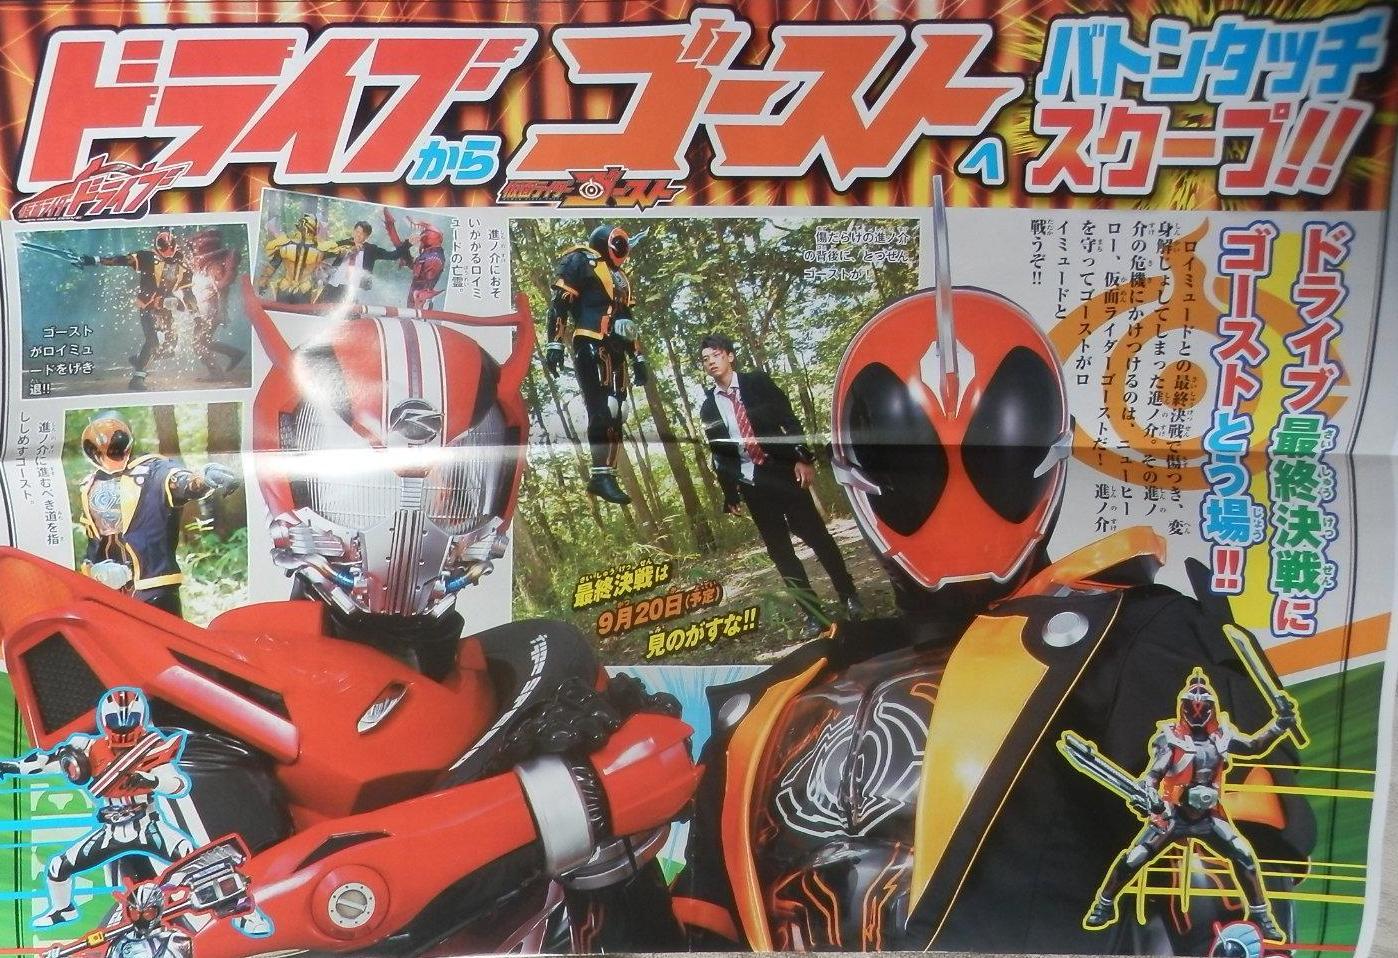 Kamen Rider Drive & Kamen Rider Ghost Crossover Confirmed